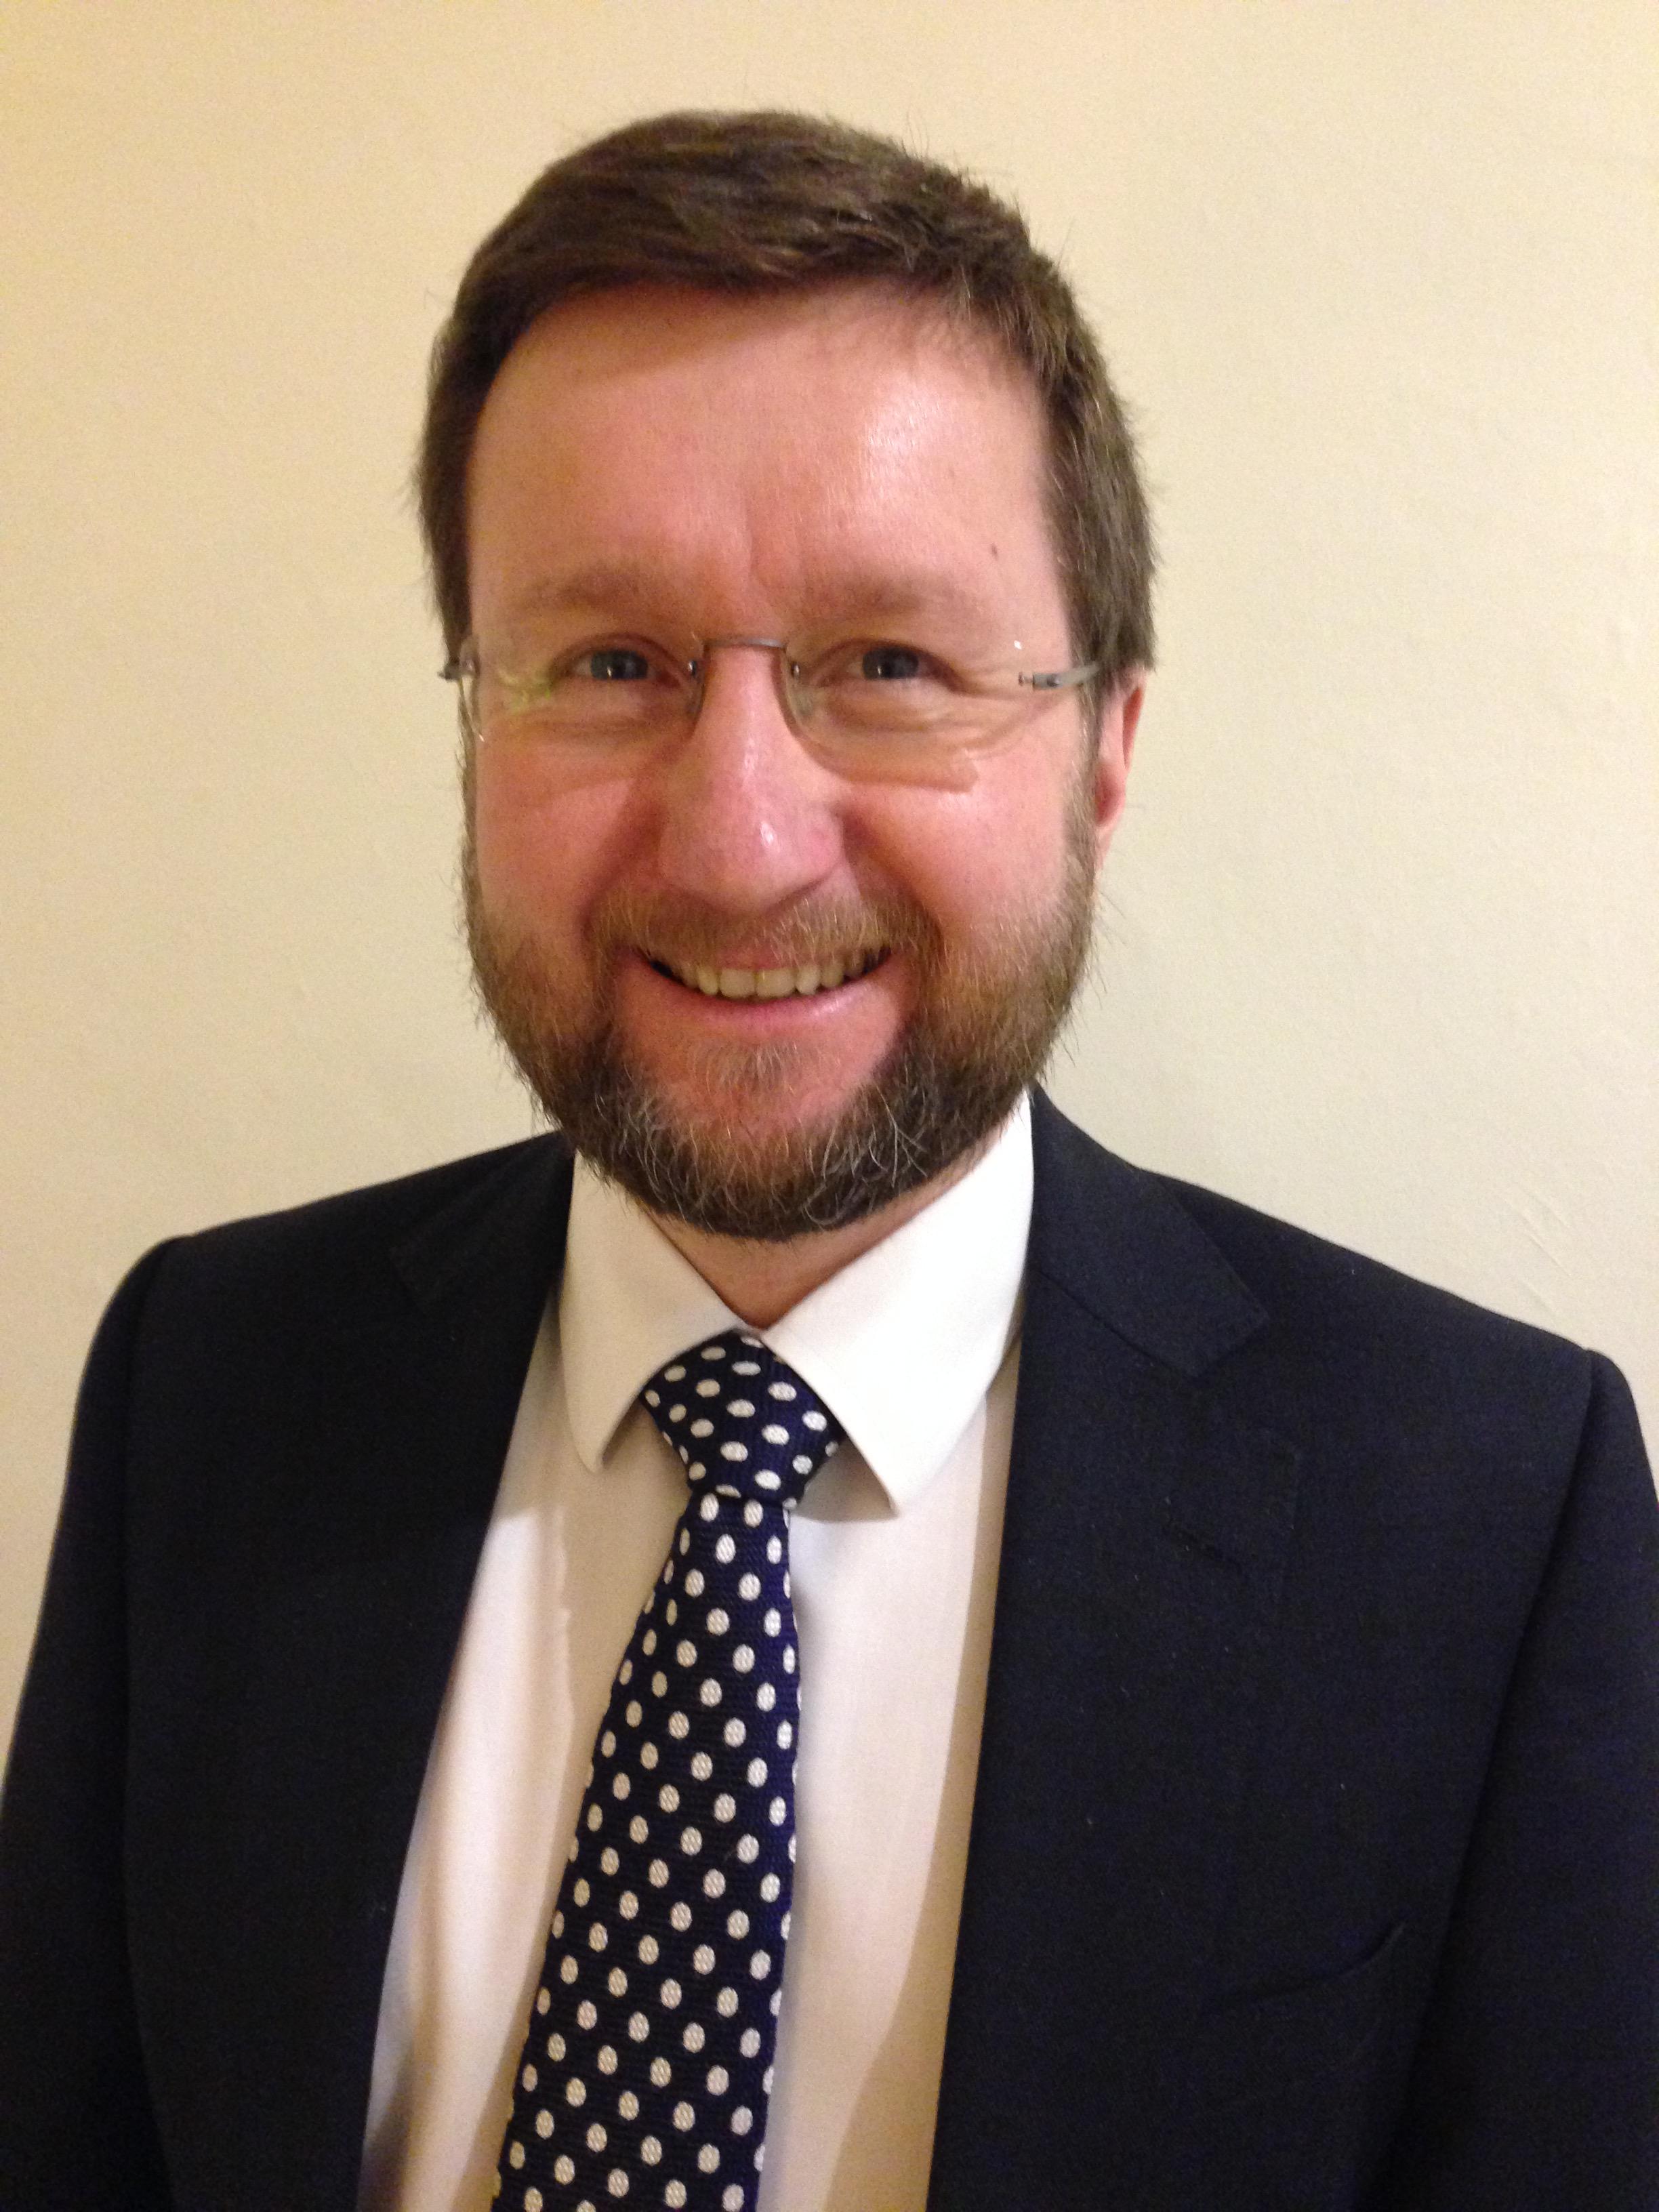 Dr Richard Duggins